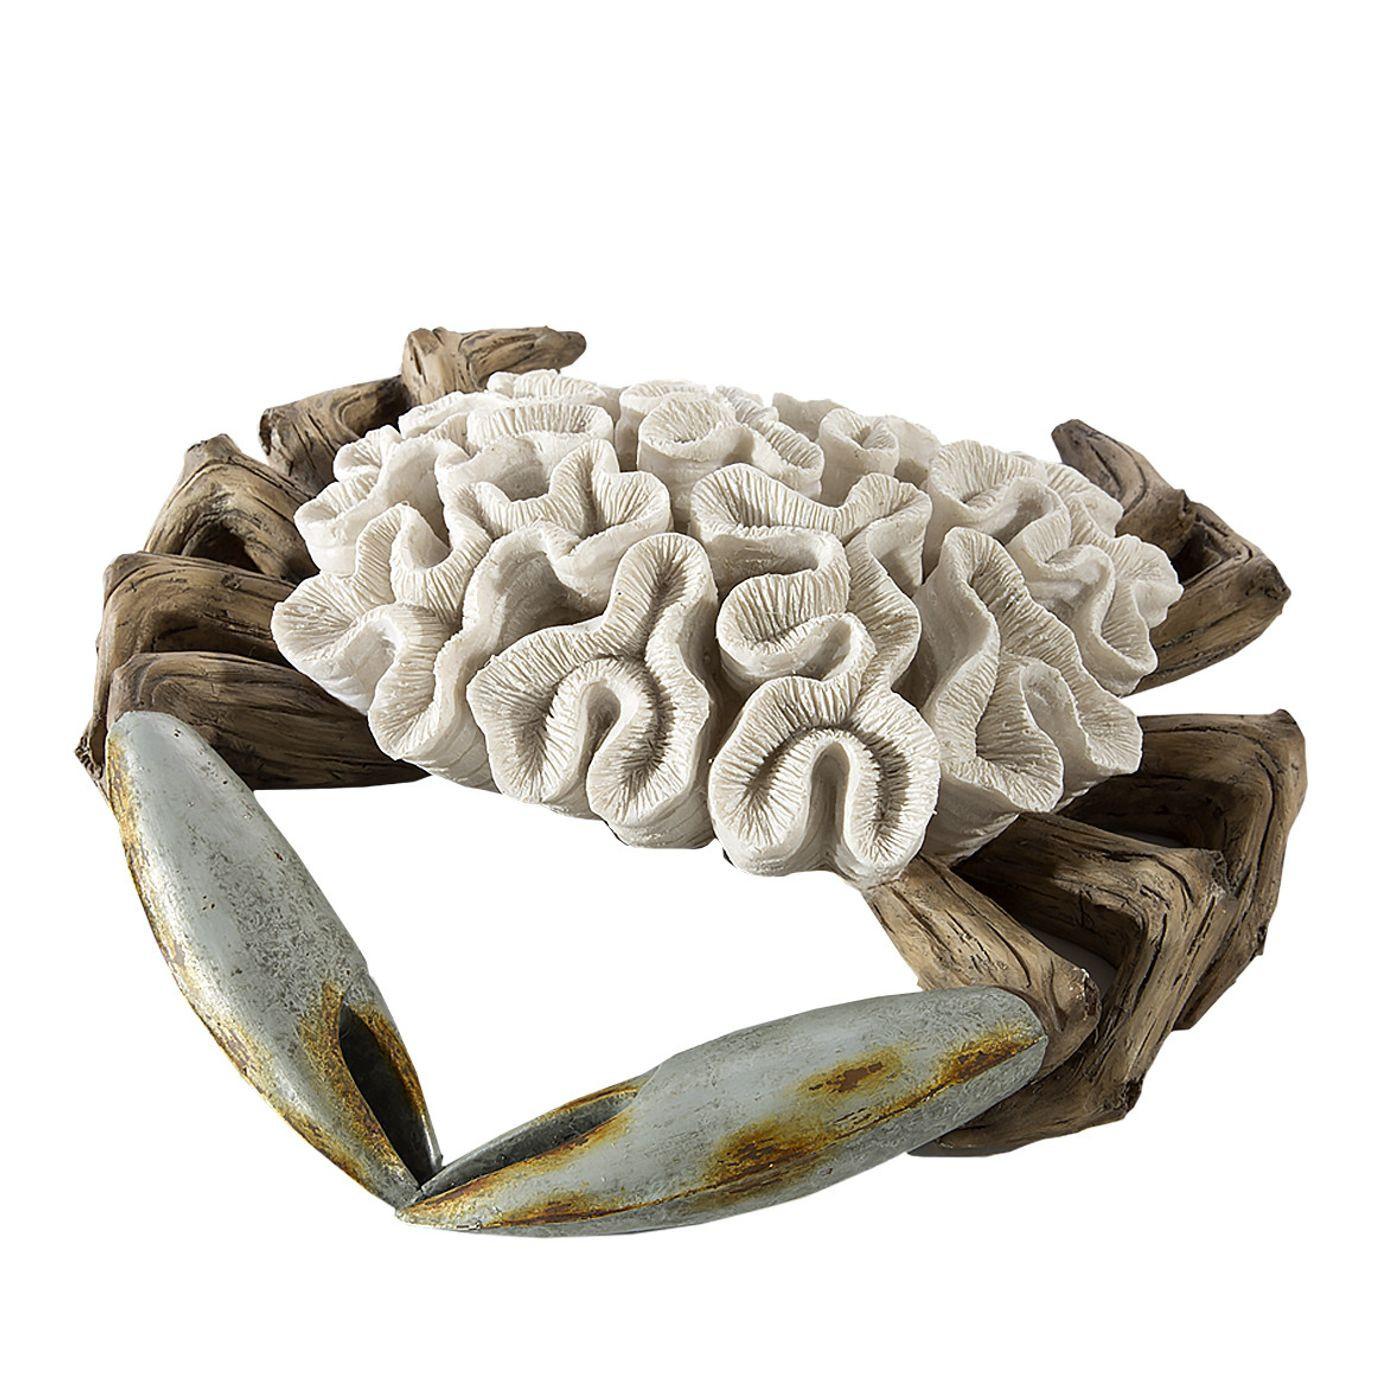 Figurka krab dekoracyjny motyw rafy koralowej